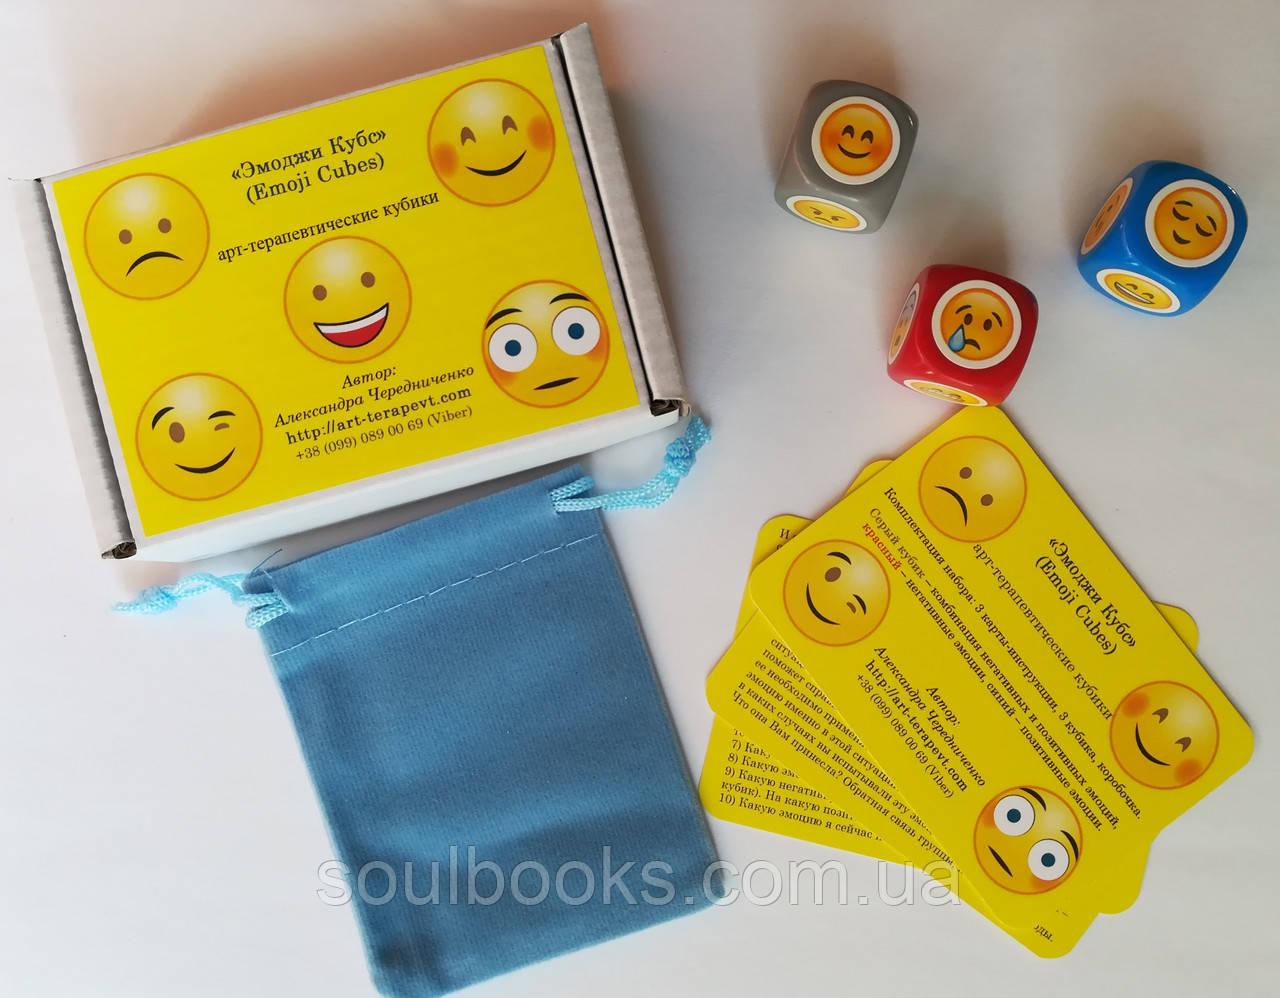 «Эмоджи Кубс» (Emoji Cubes) - арт-терапевтические кубики